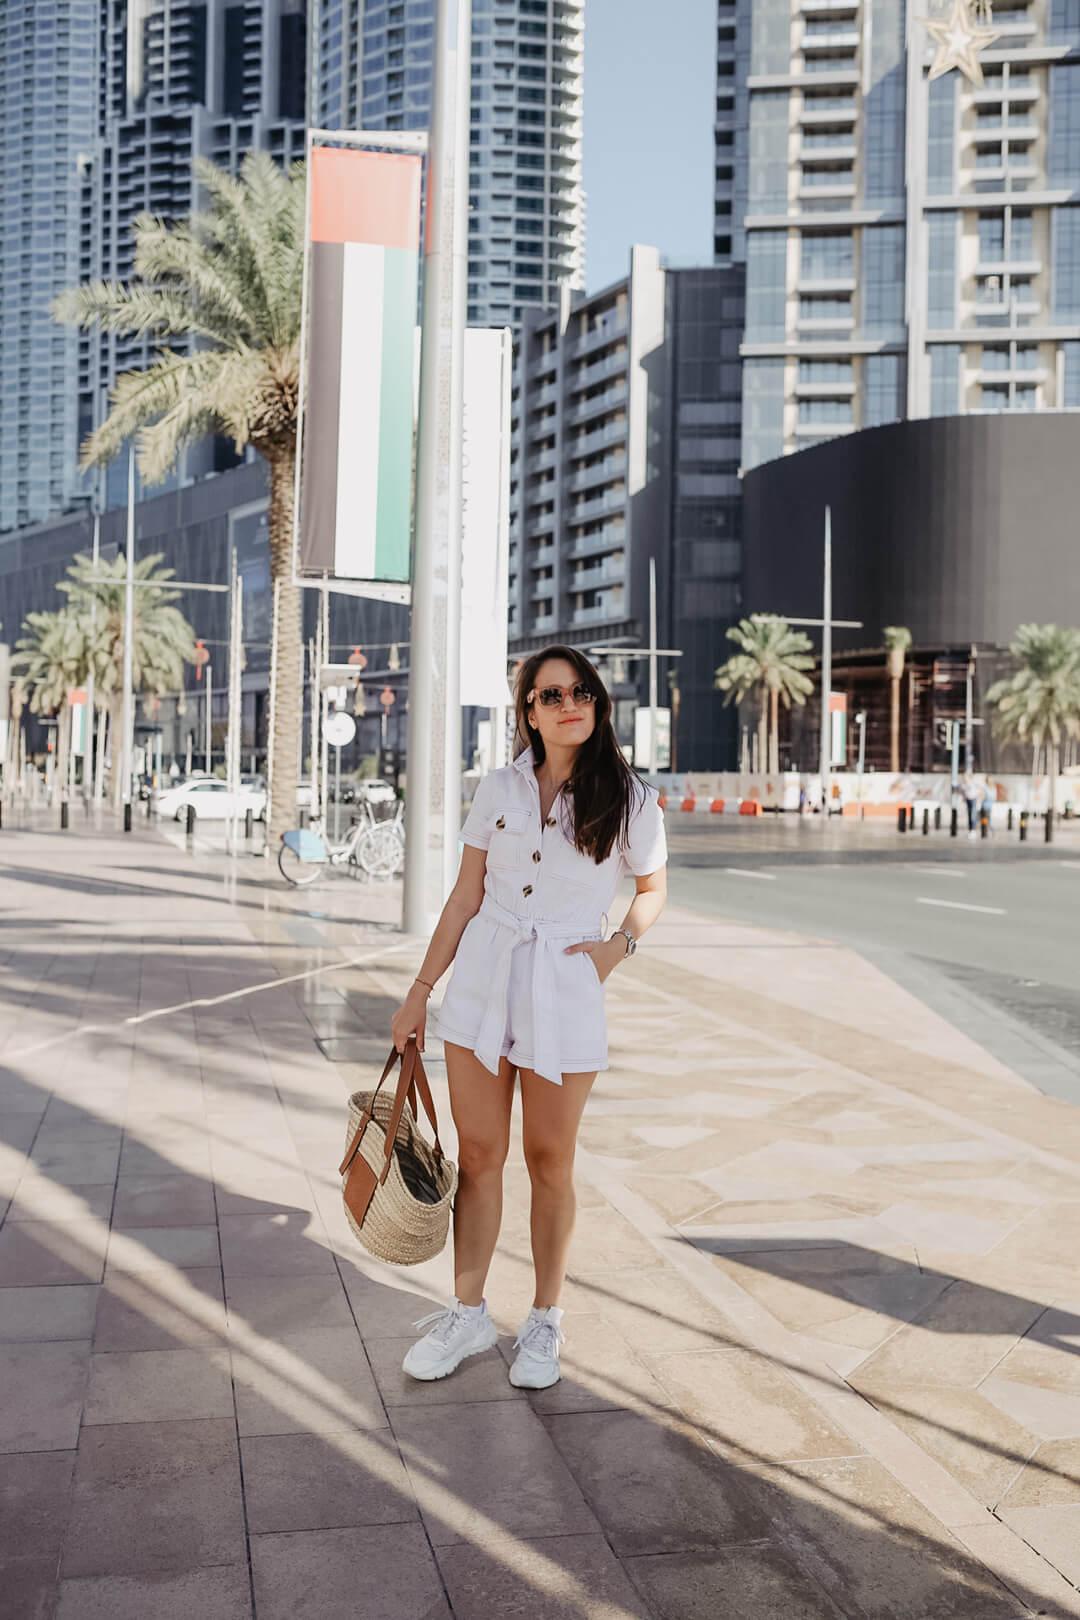 Meine Top 5 Tipps für Dubai - Pieces of Mariposa // Lifestyle Blog aus Nürnberg